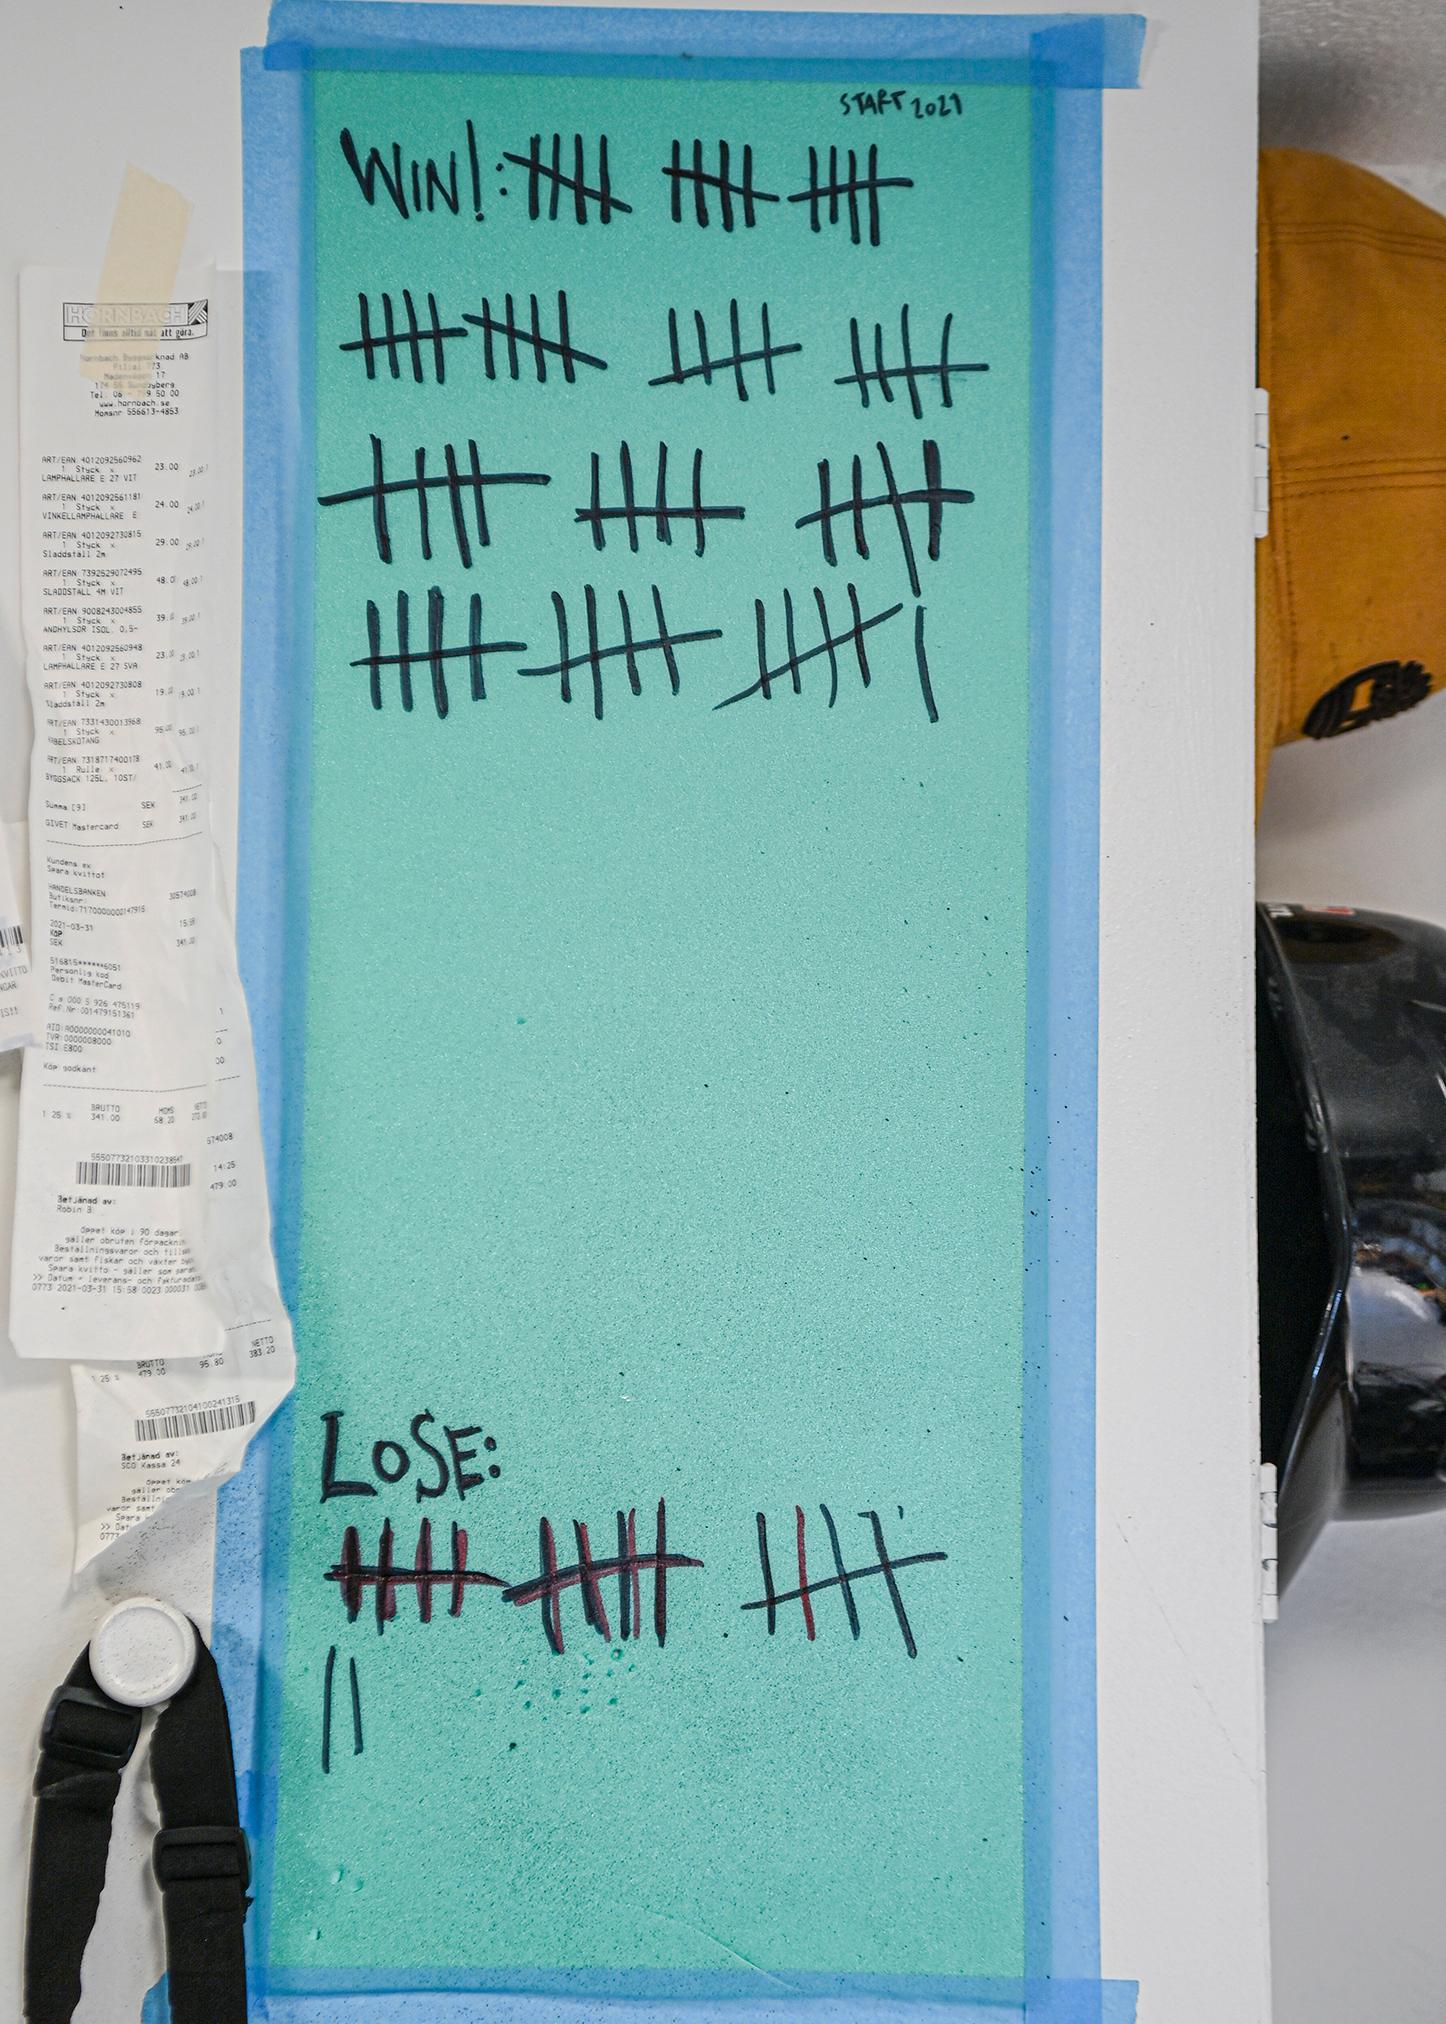 Erik Fröderberg håller noga räkning på prylarna han lagat nere i verkstan: 66 vinster, 17 förluster.